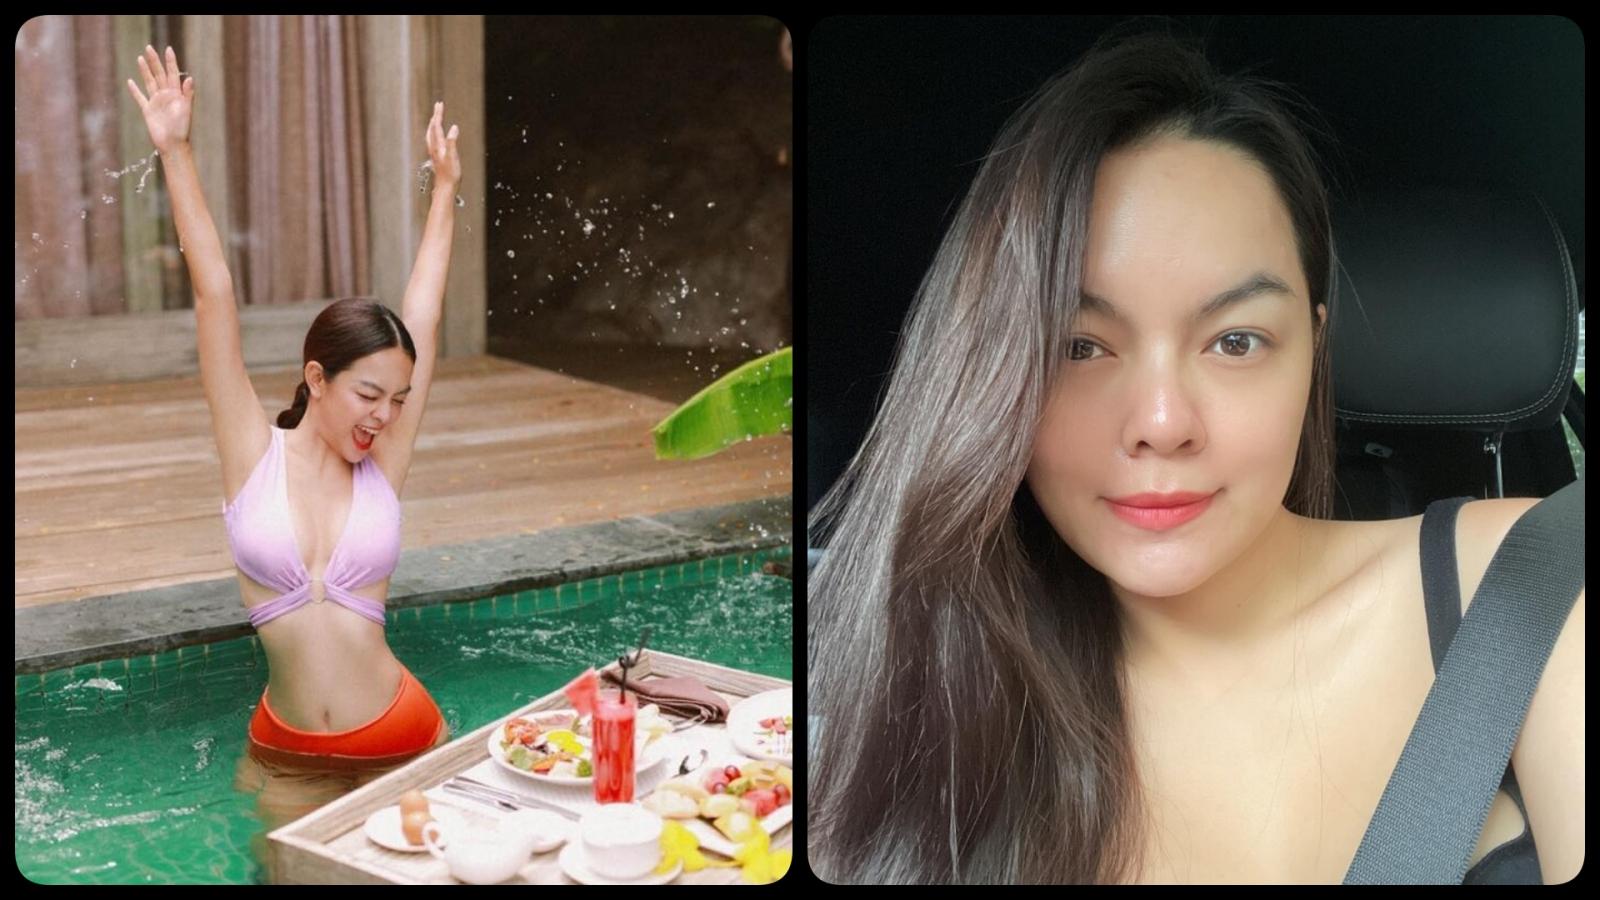 Chuyện showbiz: 'Mẹ hai con' Phạm Quỳnh Anh diện áo tắm khoe body nóng bỏng